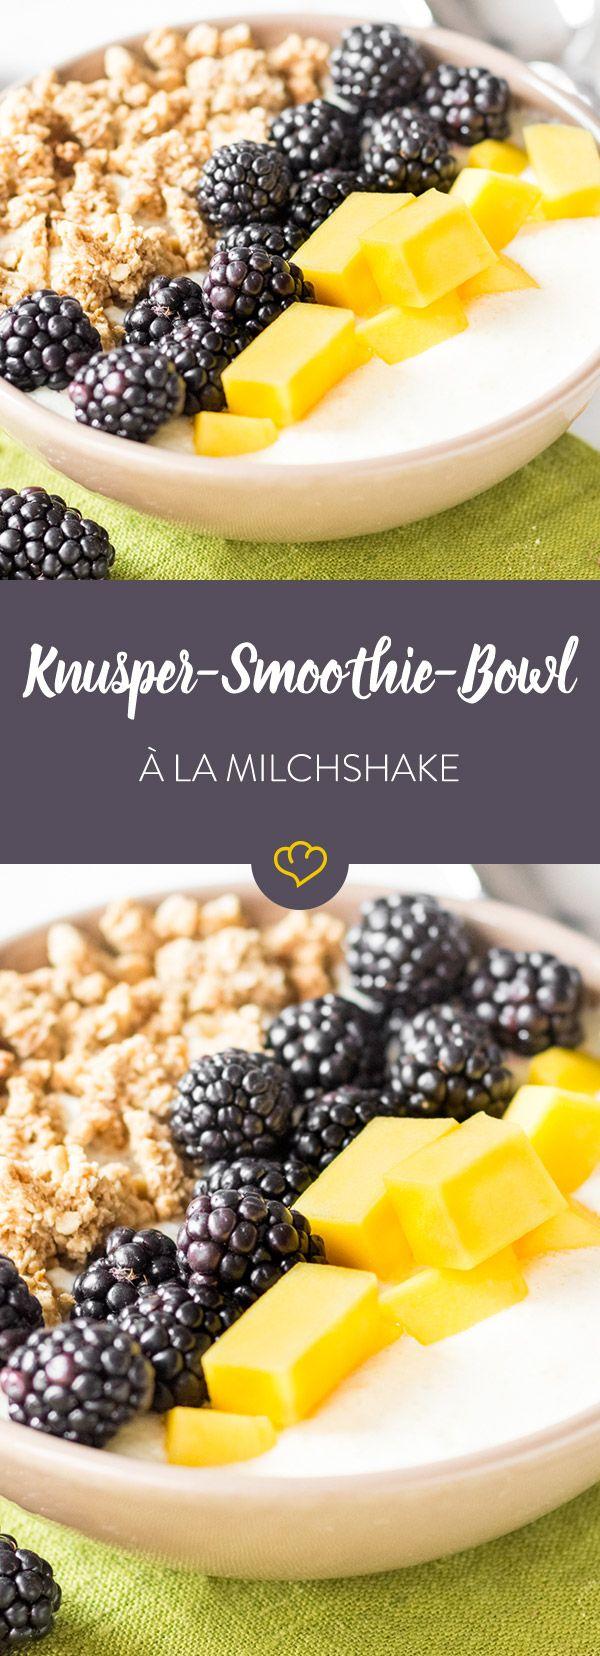 Besonders fruchtig, besonders gesund, besonders lecker - diese Smoothie Bowl schmeckt wie ein besonders feiner Milchshake.